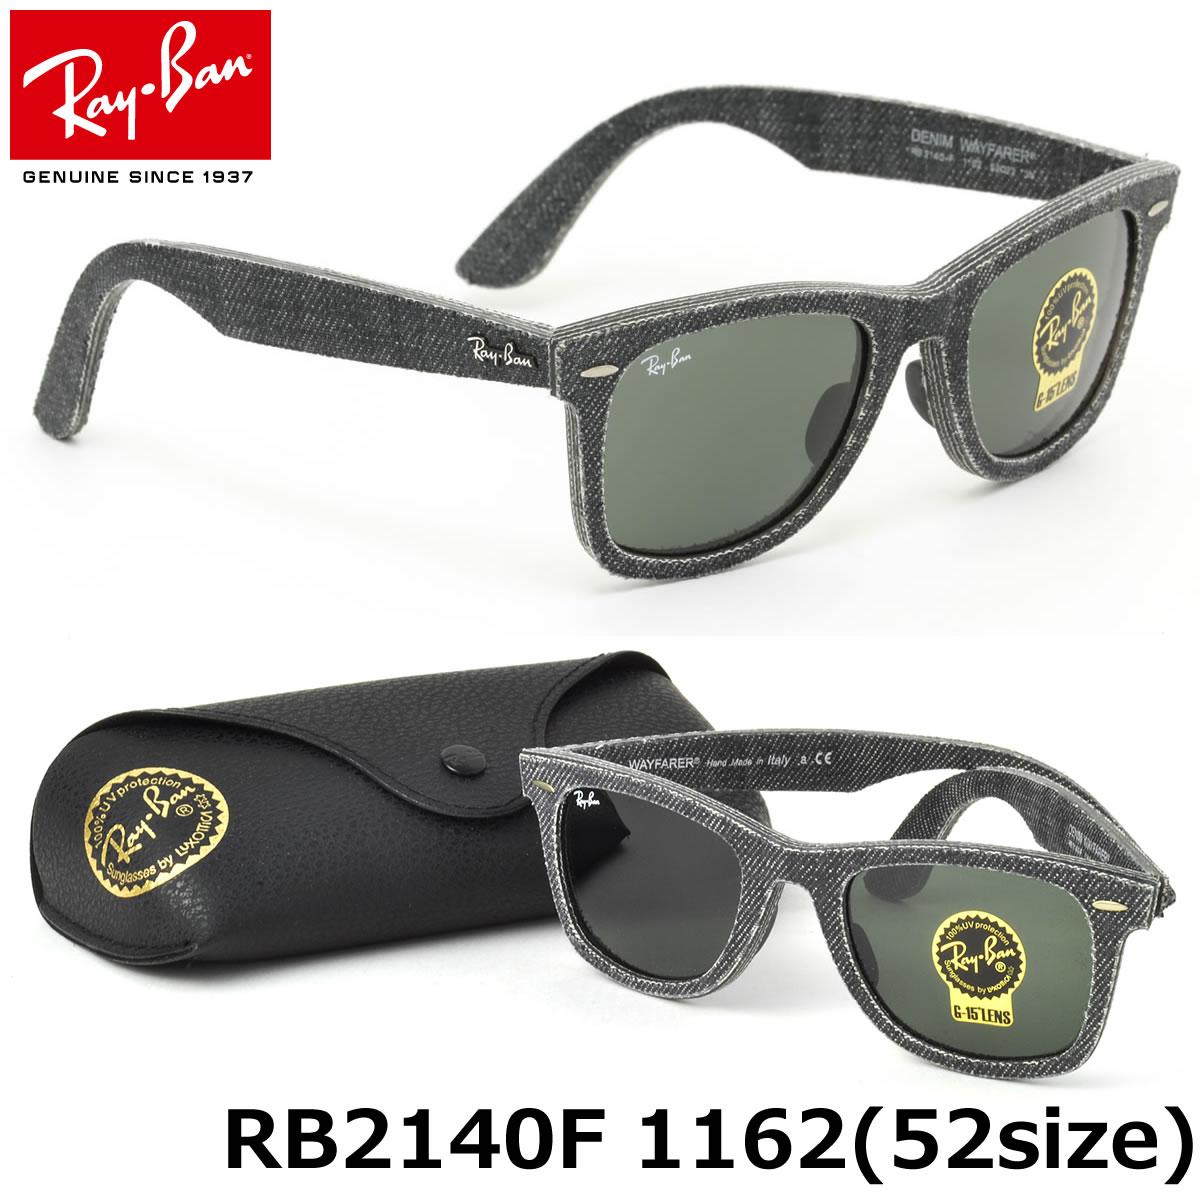 【10月30日からエントリーで全品ポイント20倍】レイバン サングラス ウェイファーラー デニム Ray-Ban RB2140F 1162 52サイズレイバン RAYBAN WAYFARER DENIM デニム フルフィット ICONS アイコン メンズ レディース